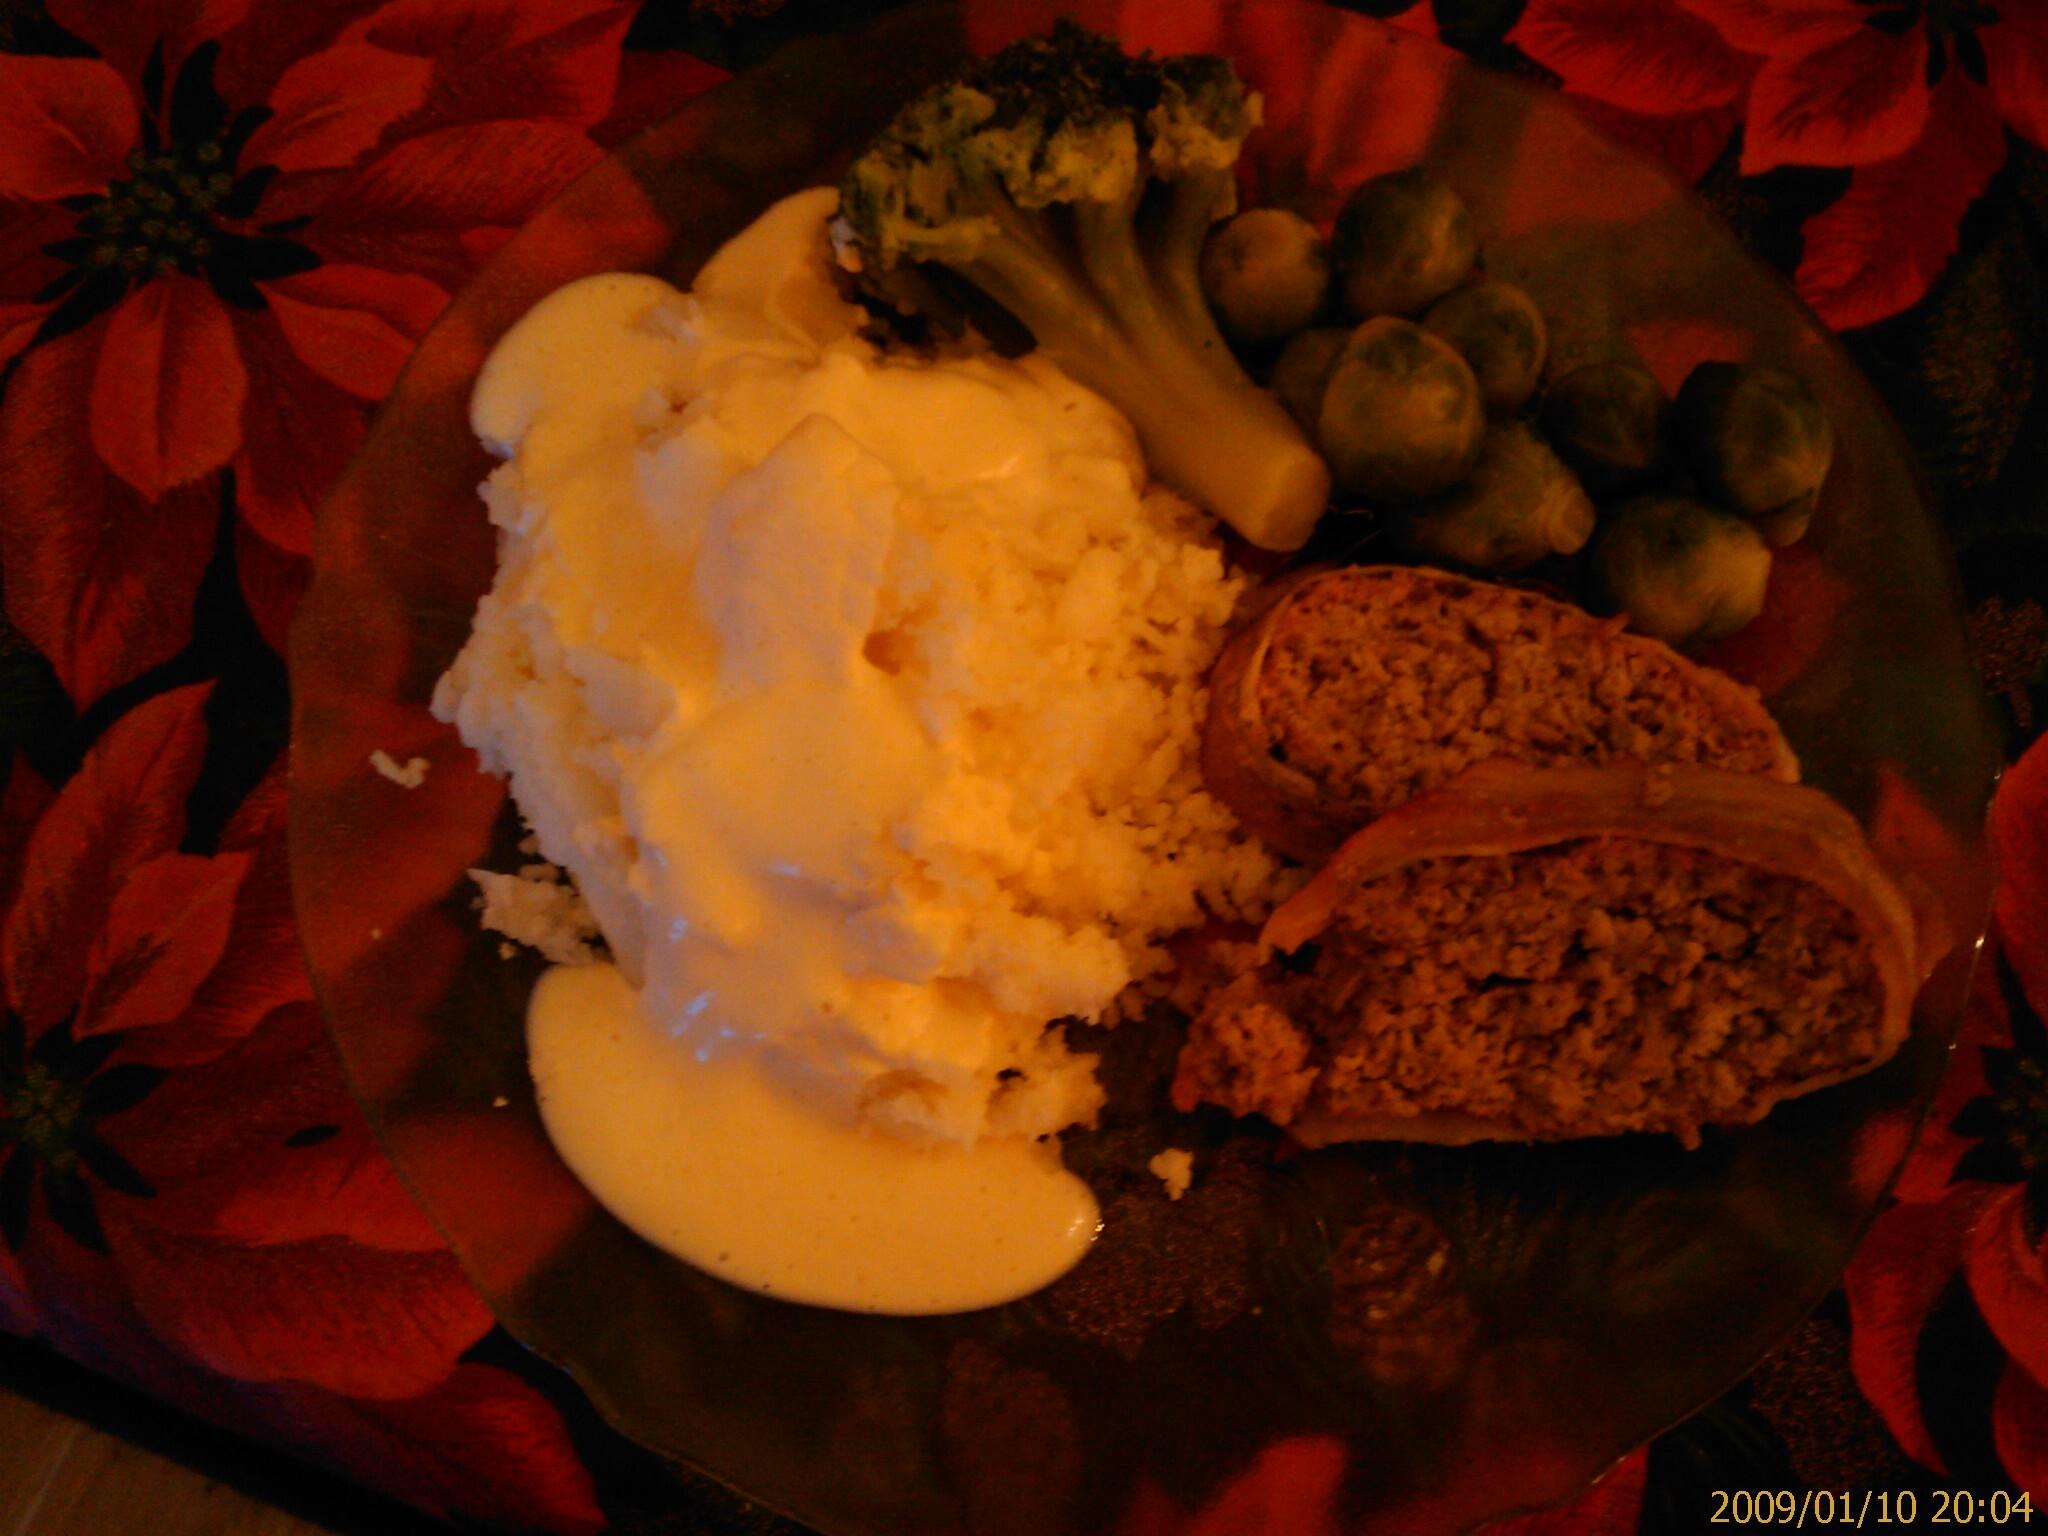 örtkryddad köttfärslimpa